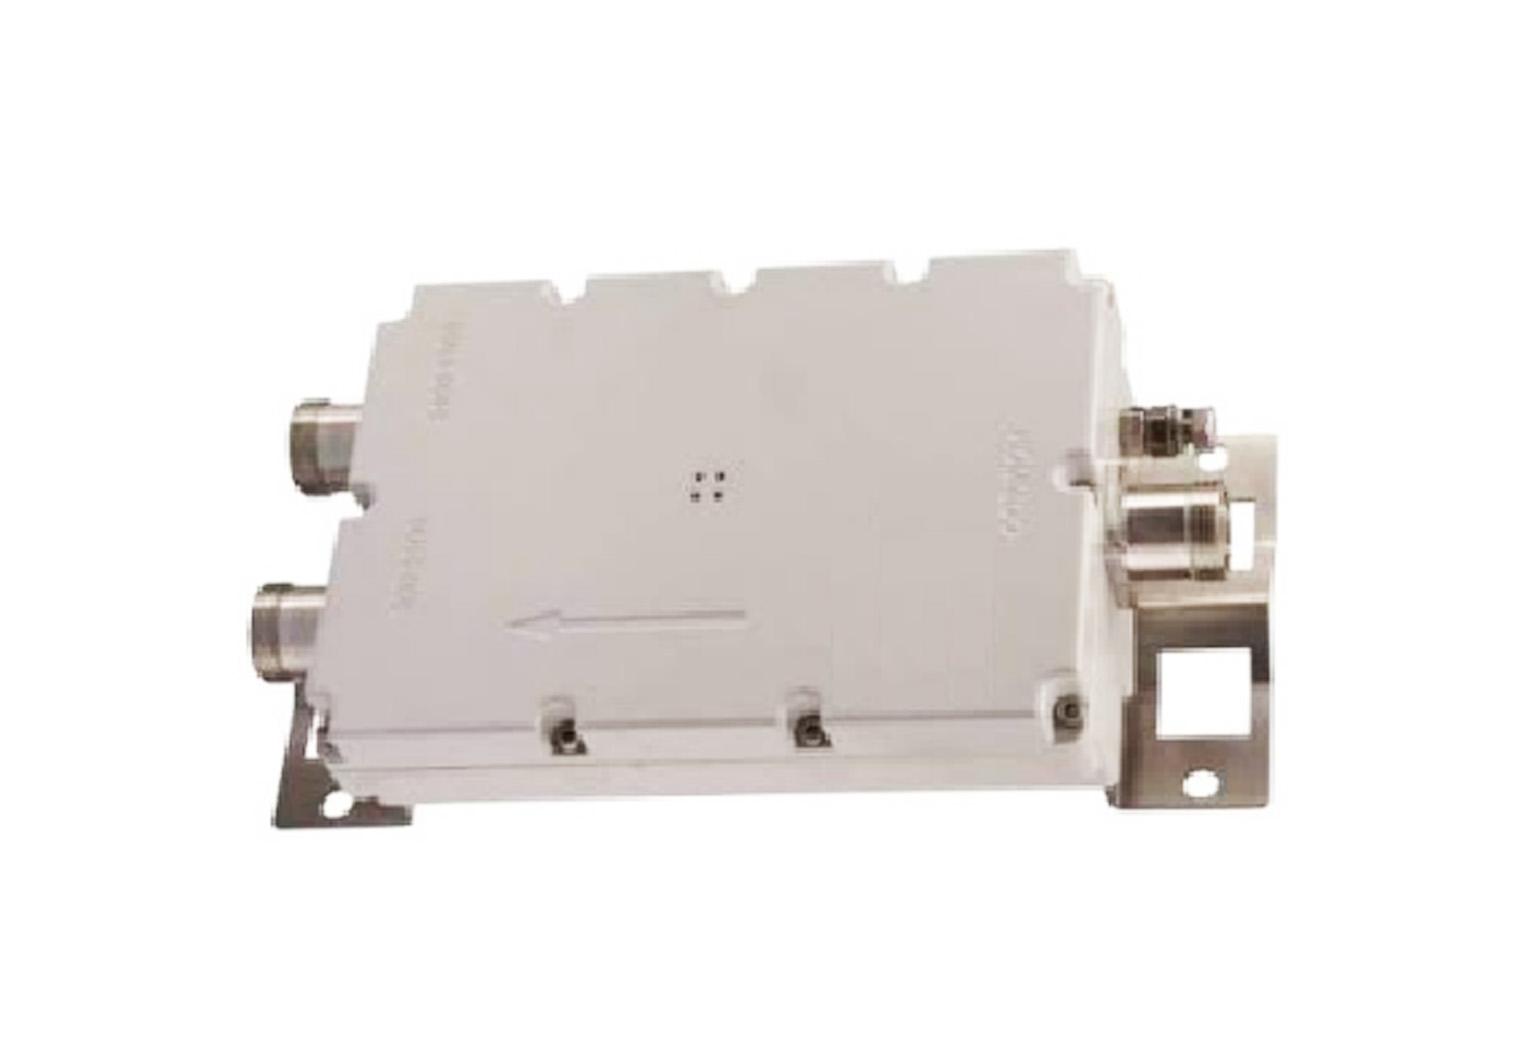 Combiner - Telecom GSM 3G LTE RF Combiner/Splitter/Diplexer